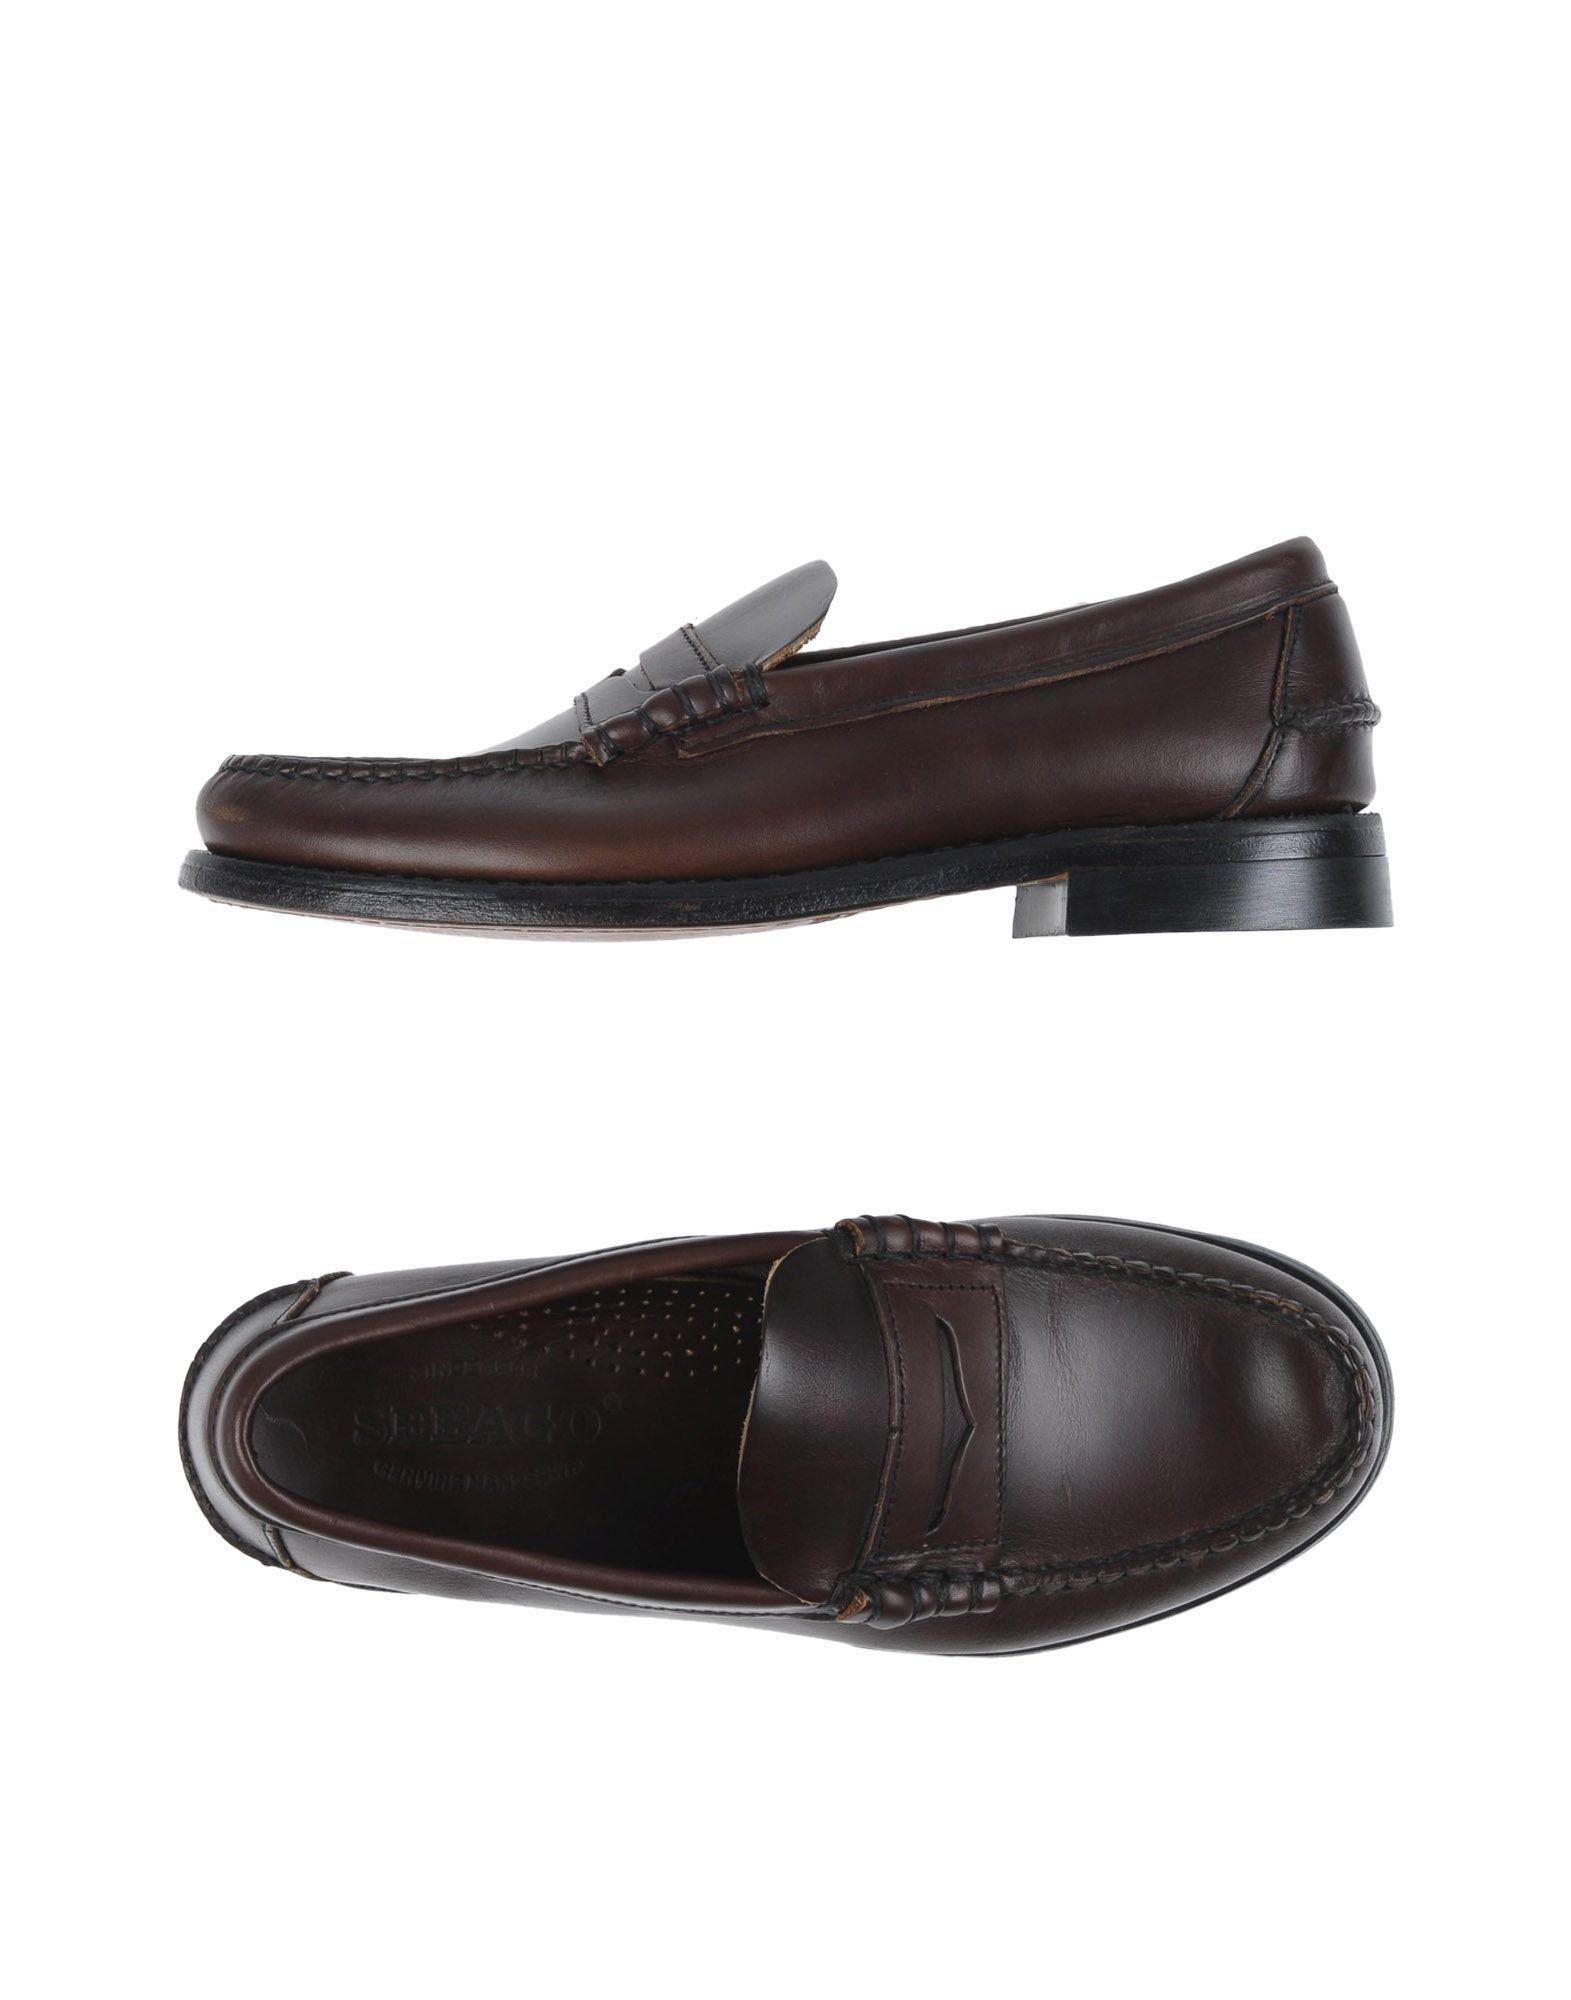 Rabatt echte Schuhe Herren Sebago Mokassins Herren Schuhe  11250455JT 0a706a